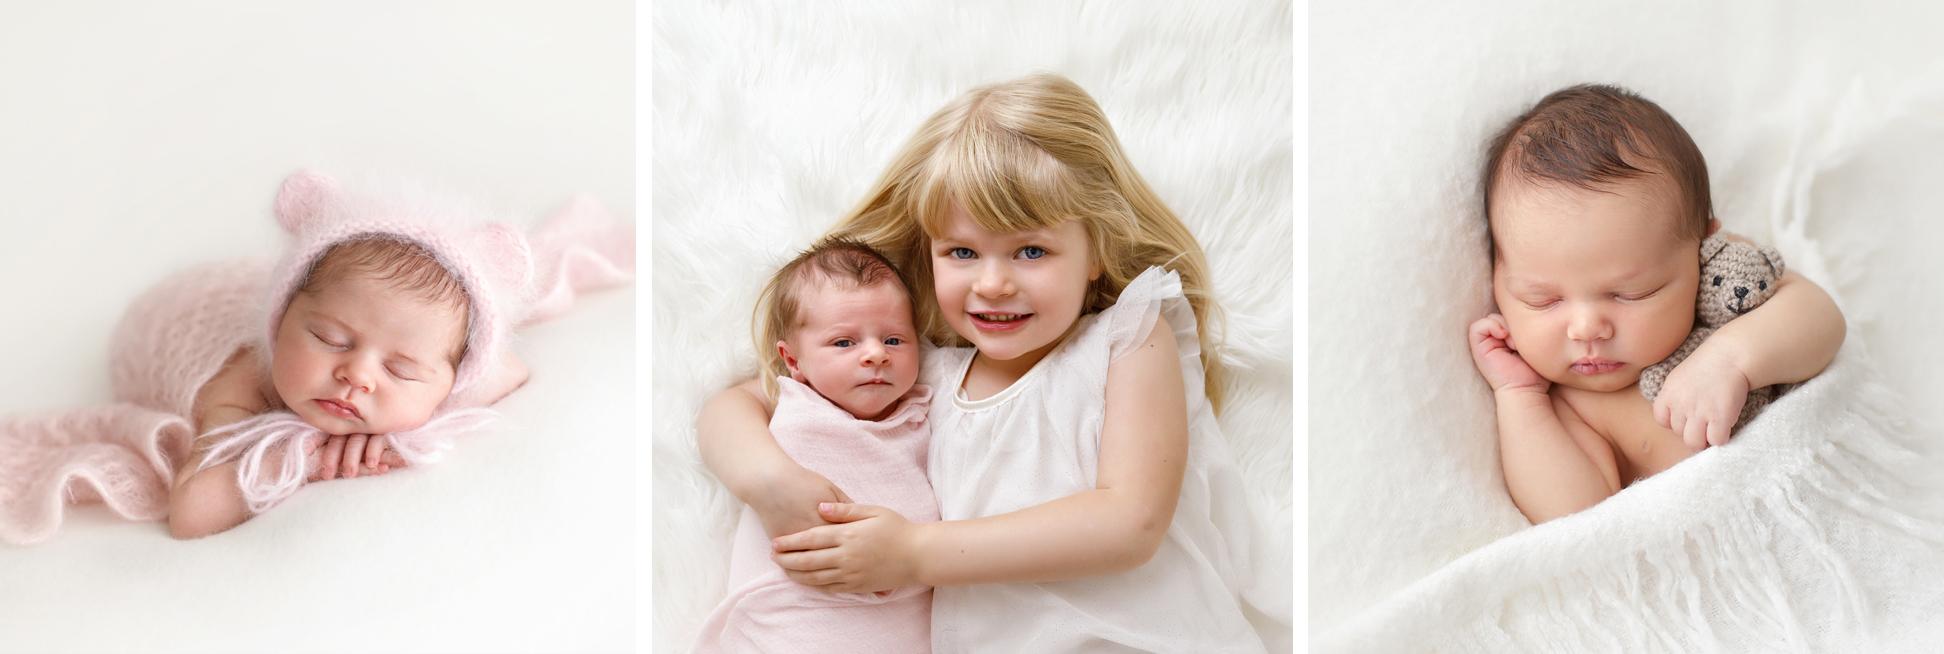 slideshow-newborn.jpg